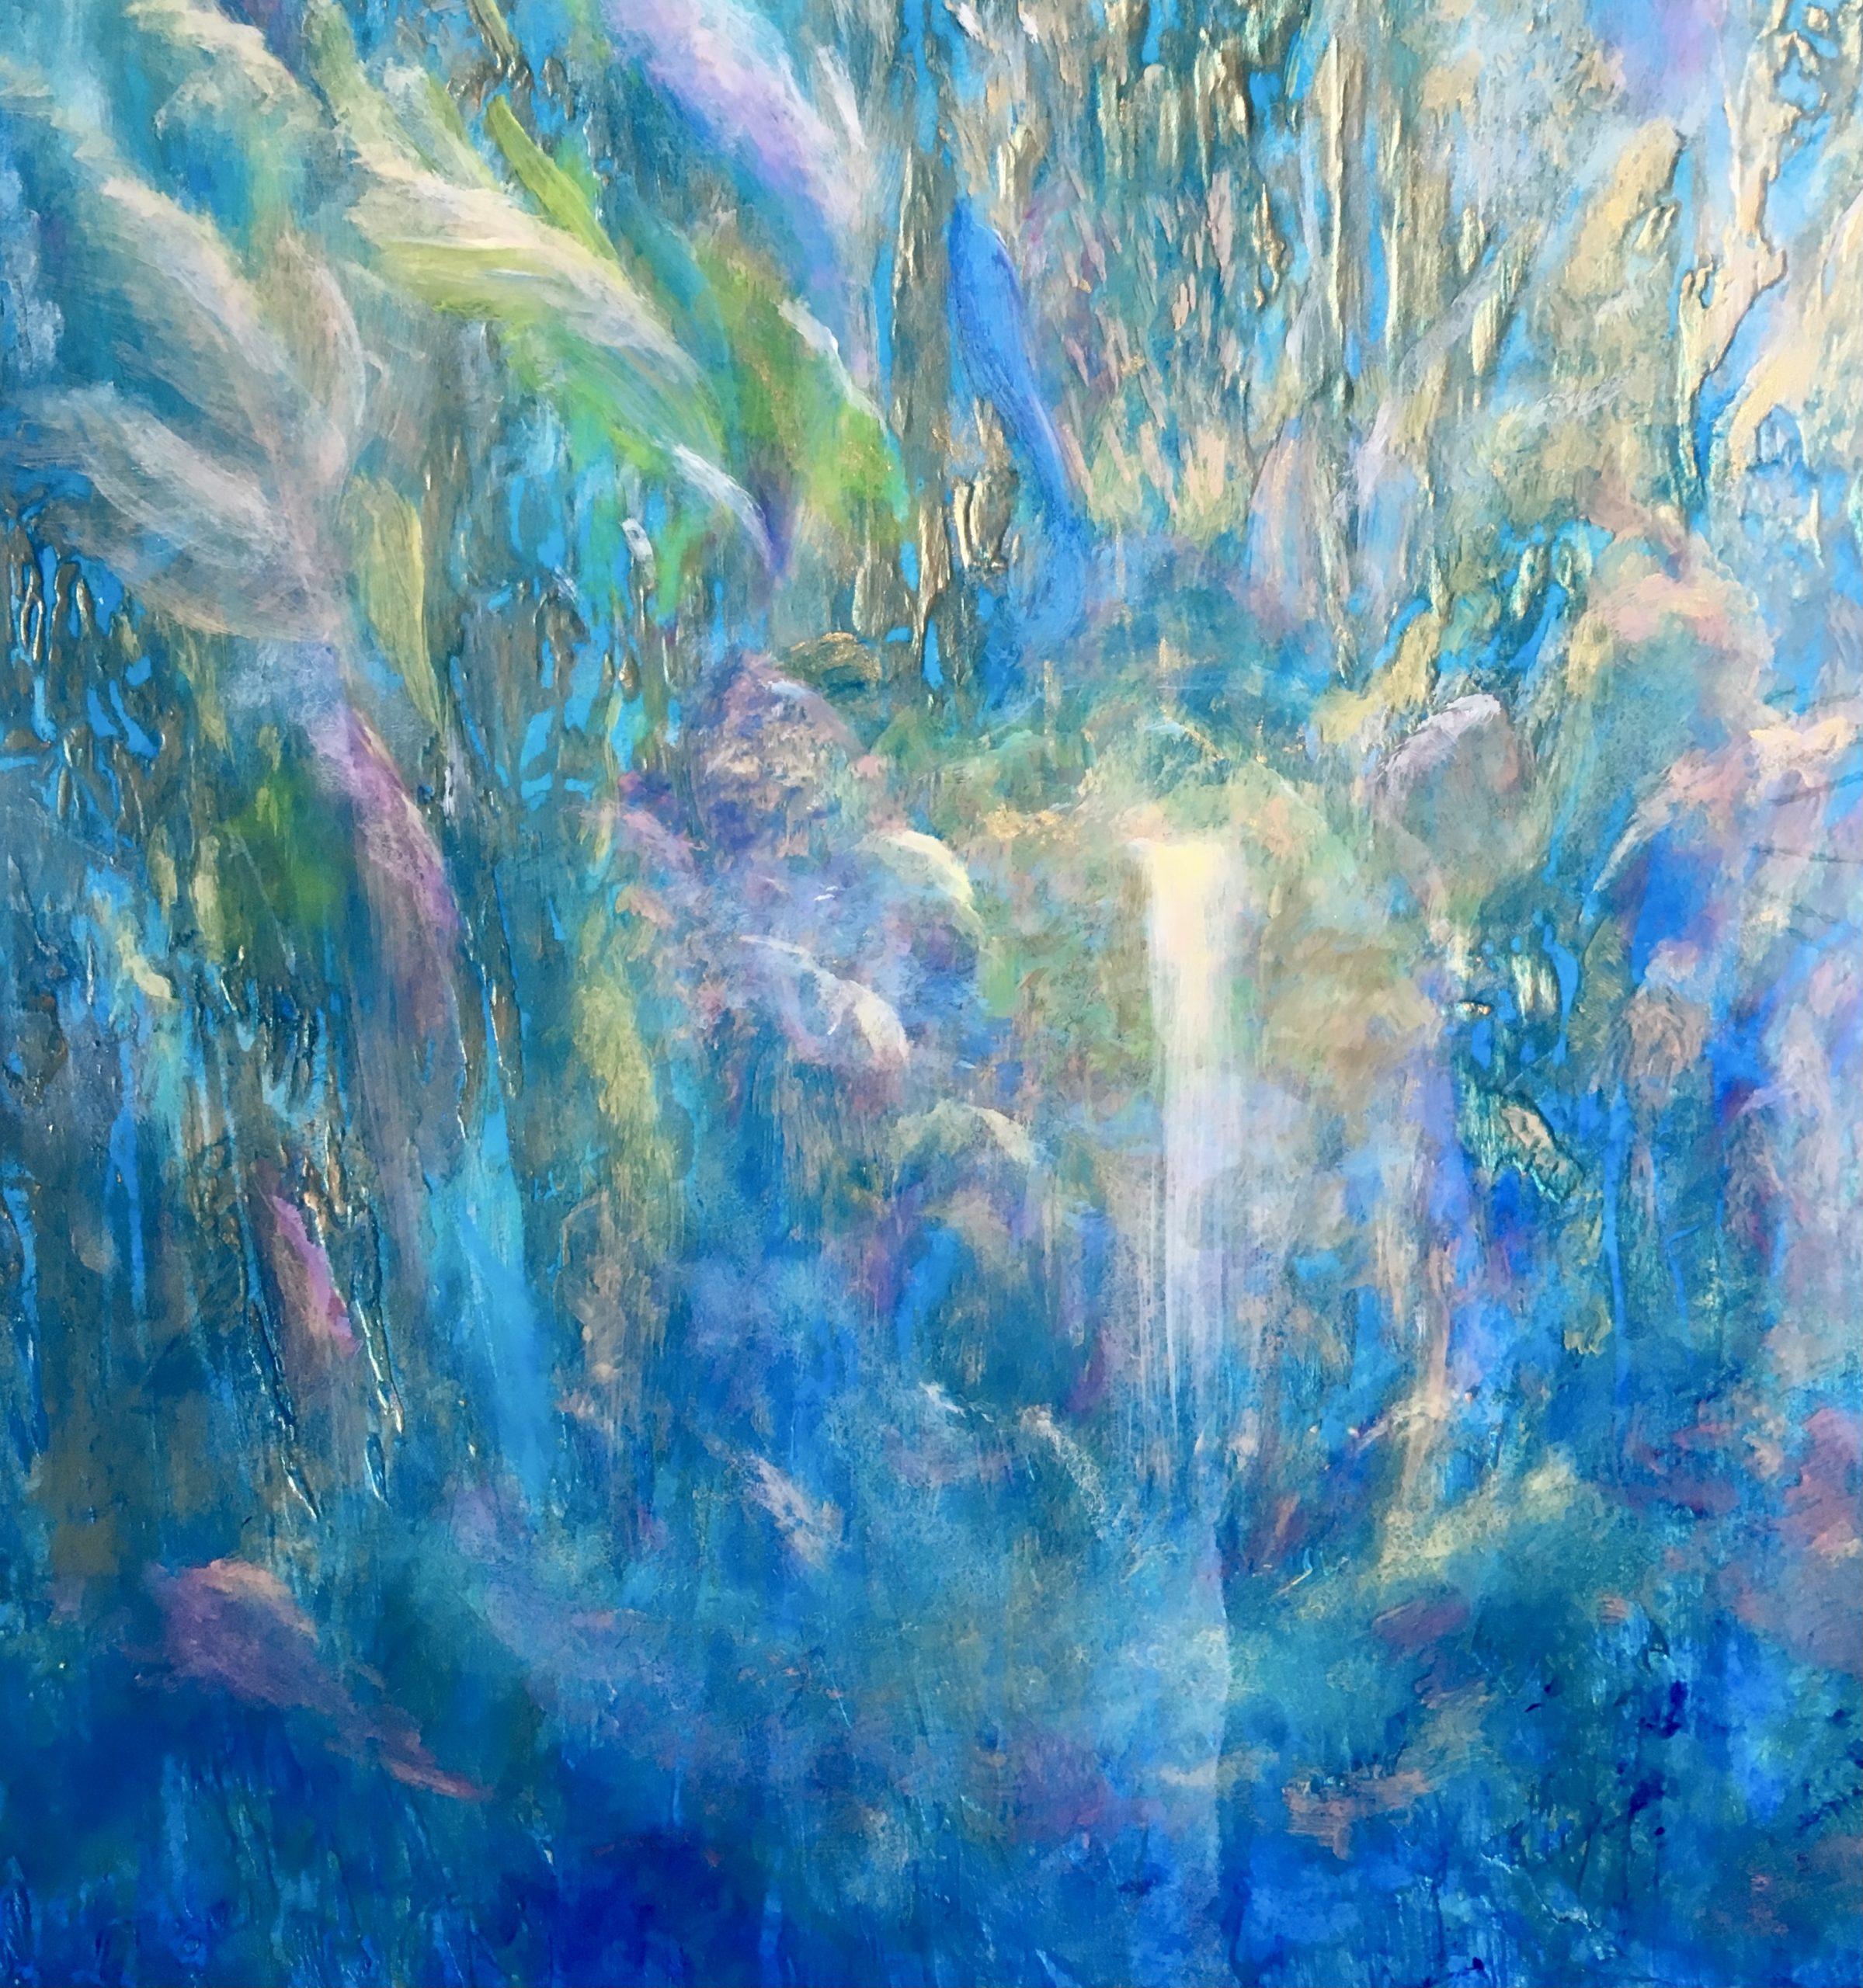 Enter into Joy by Jan Tetsutani